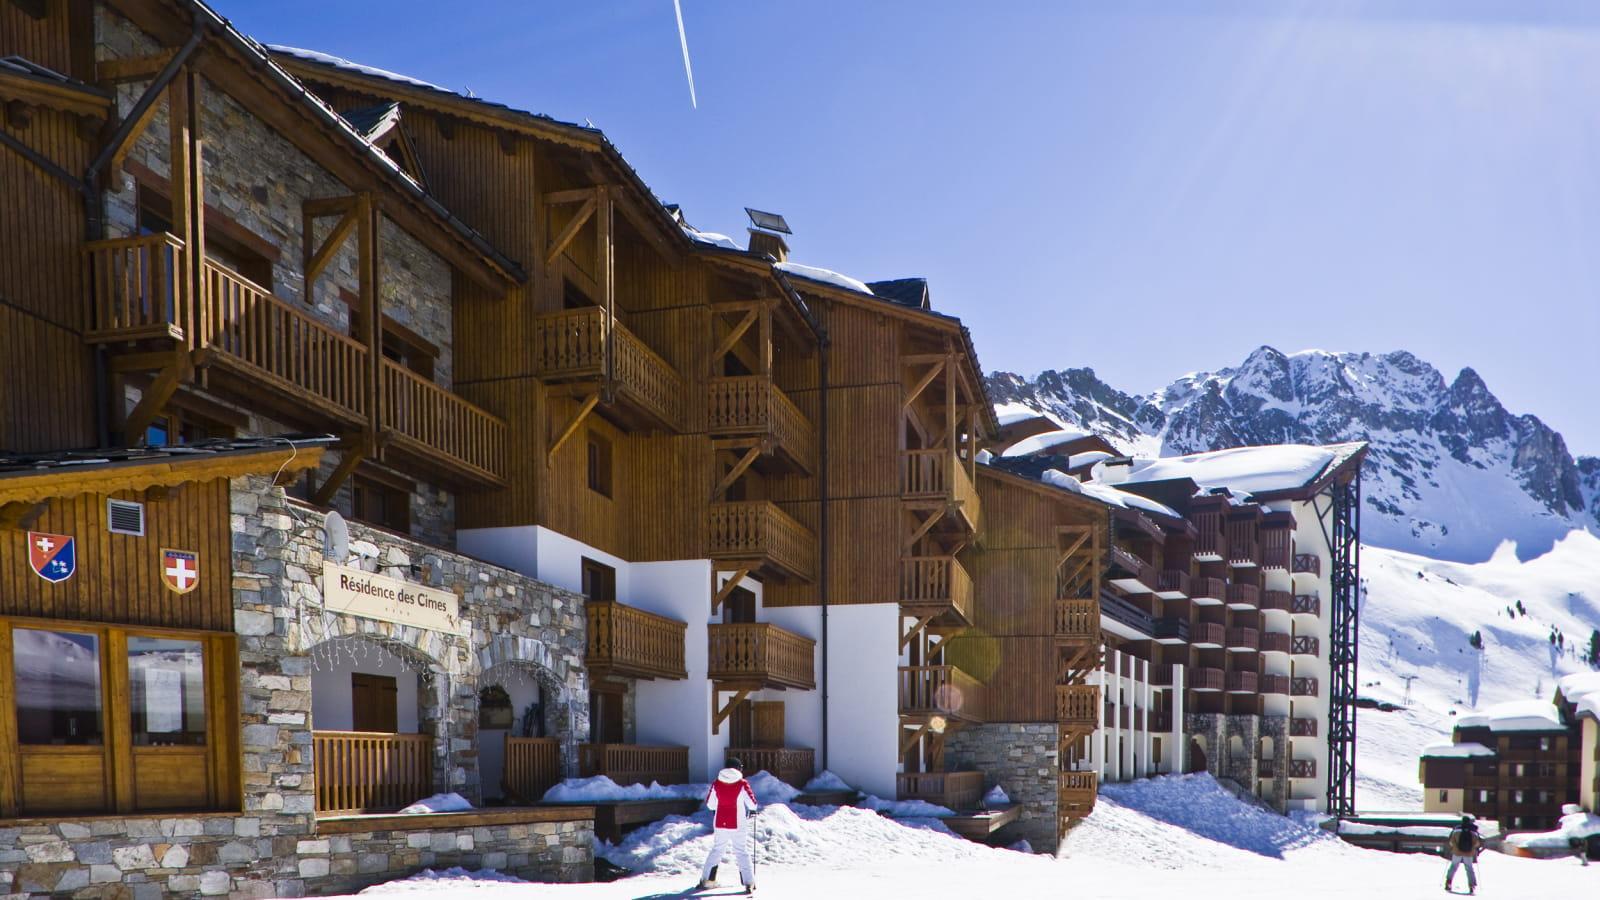 chalets-montagnettes-savoie-alpes-snow-ski-seminires-de-caractere-1